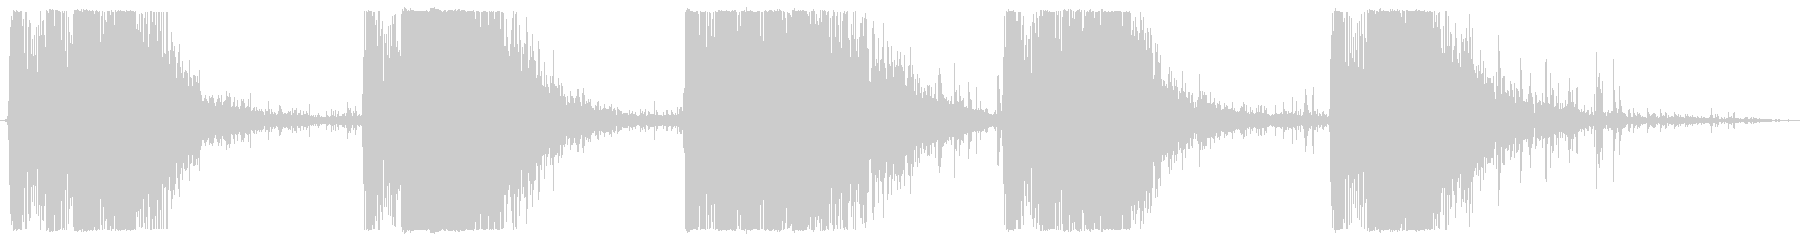 レーザーガン:ロックインパクトのあ...の未再生の波形